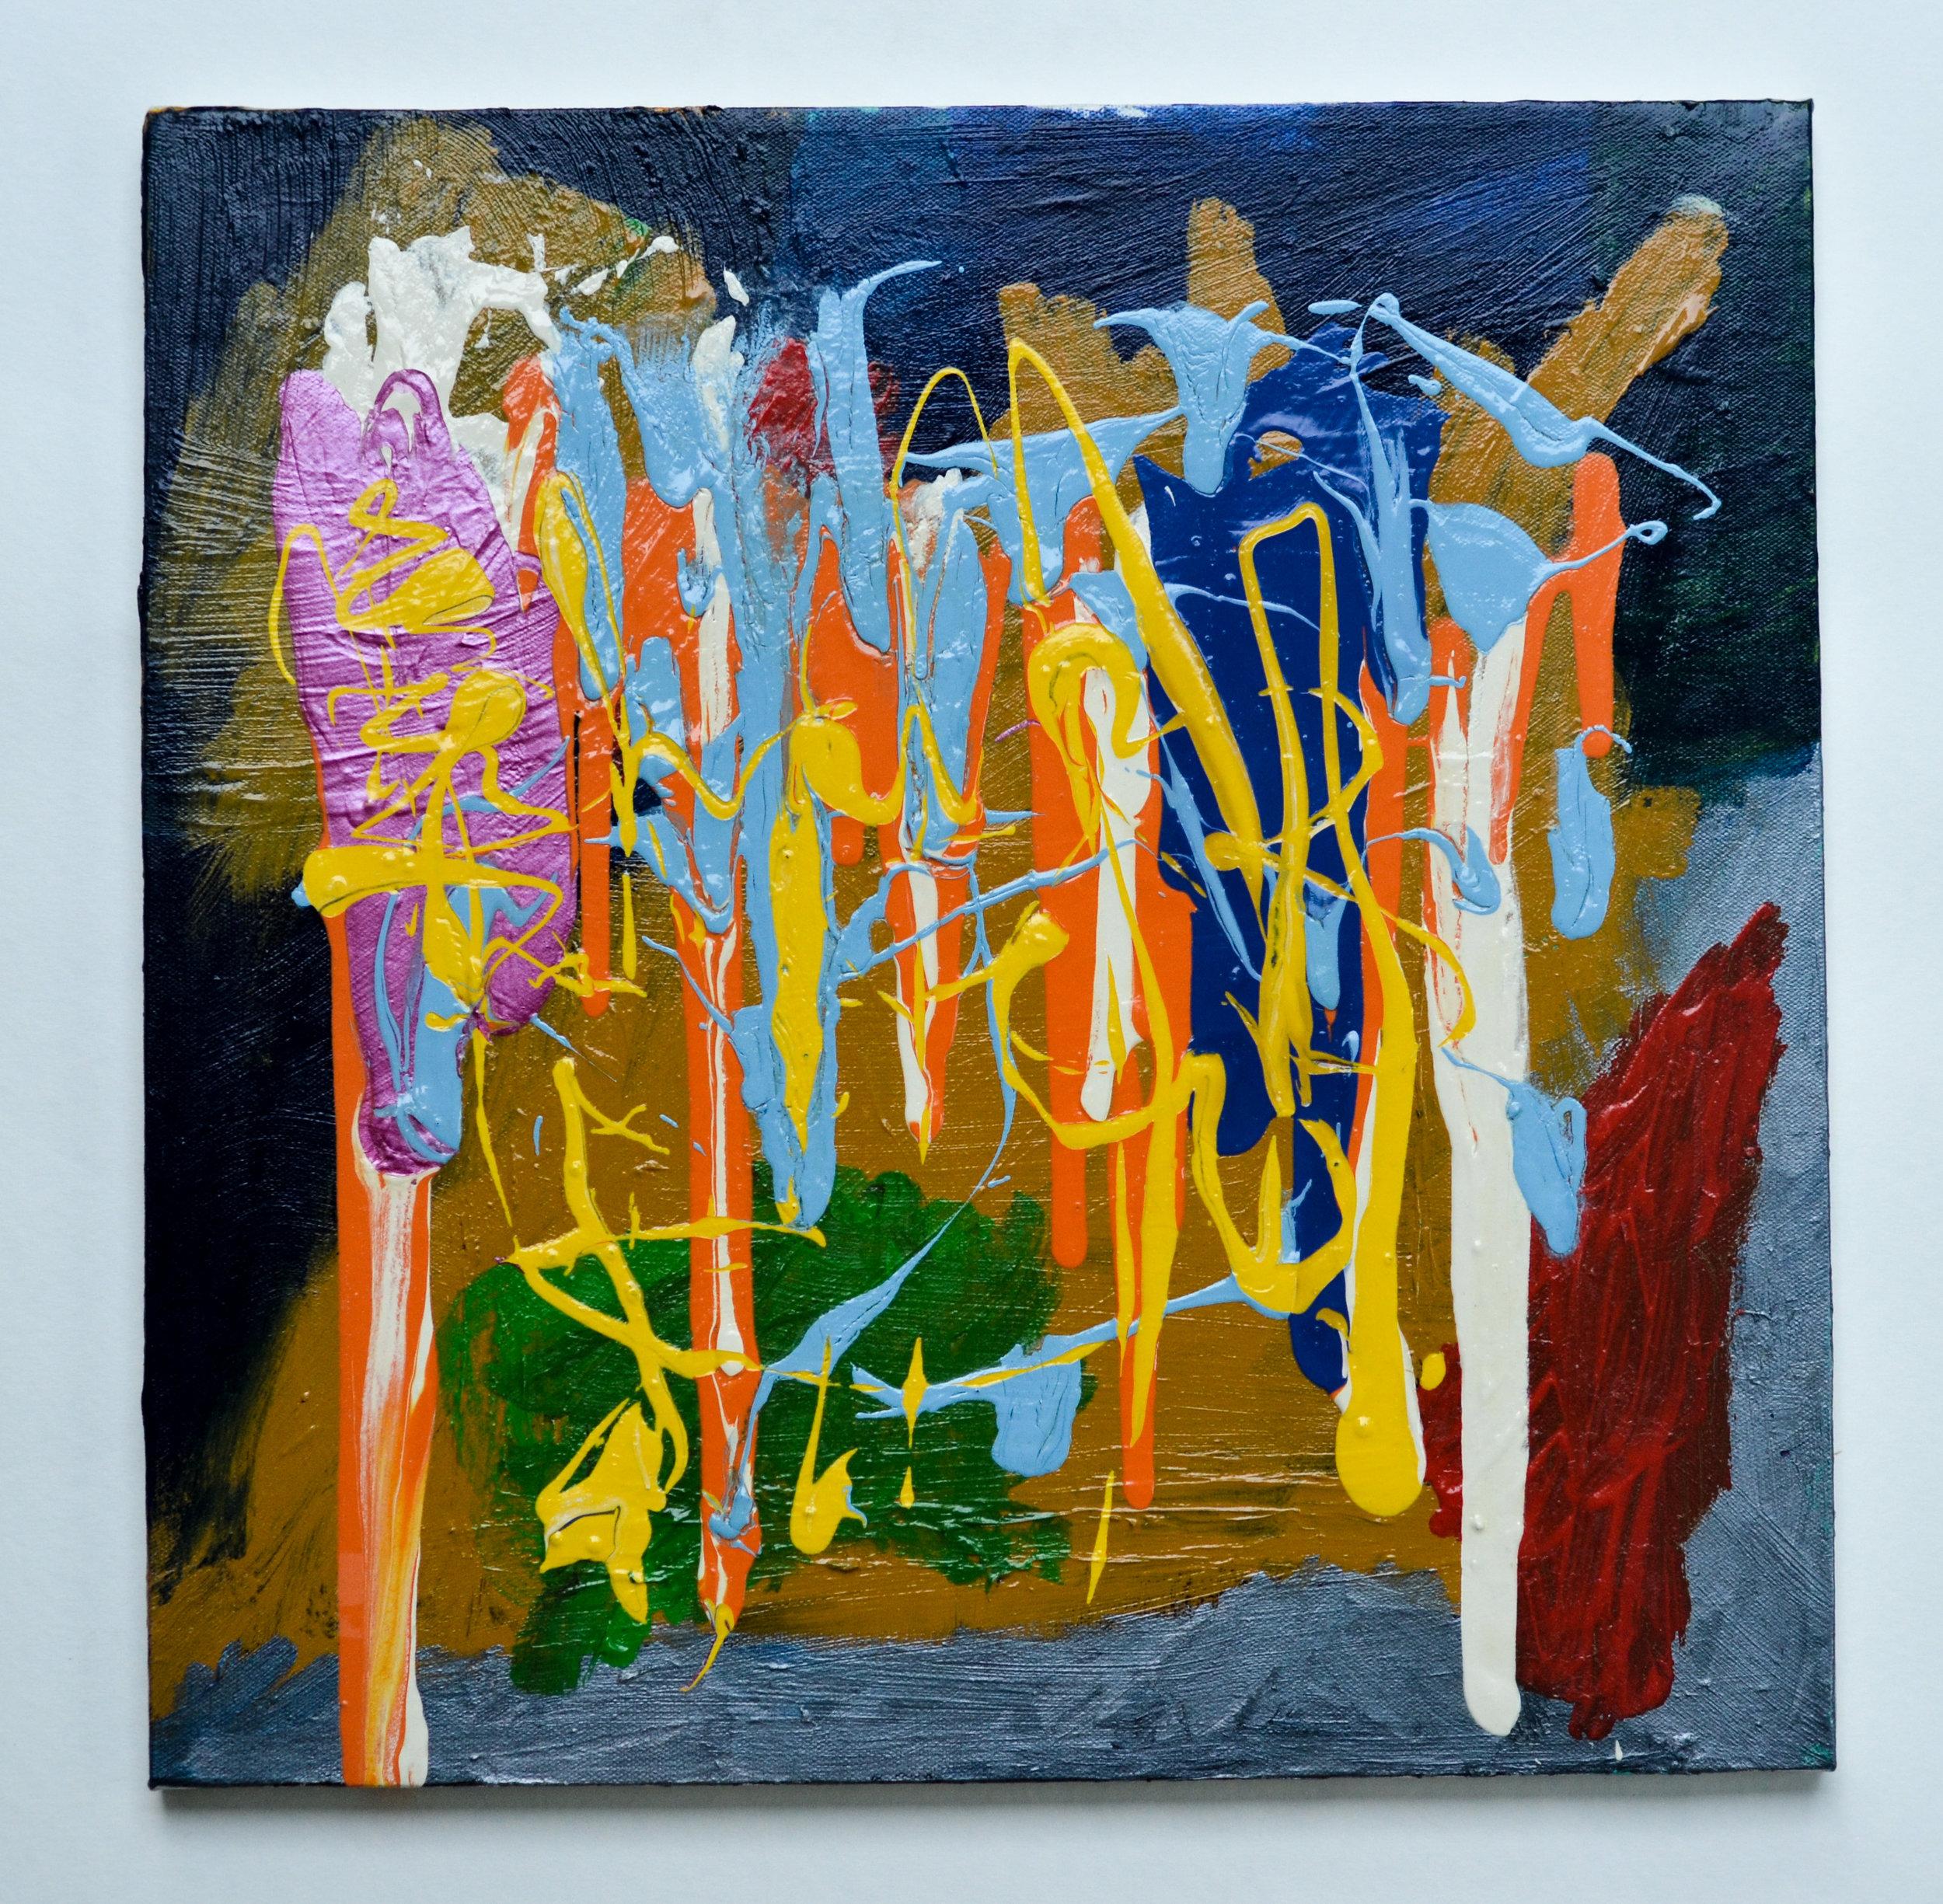 Sonny Rollins - Manhattan - 18x18.jpg